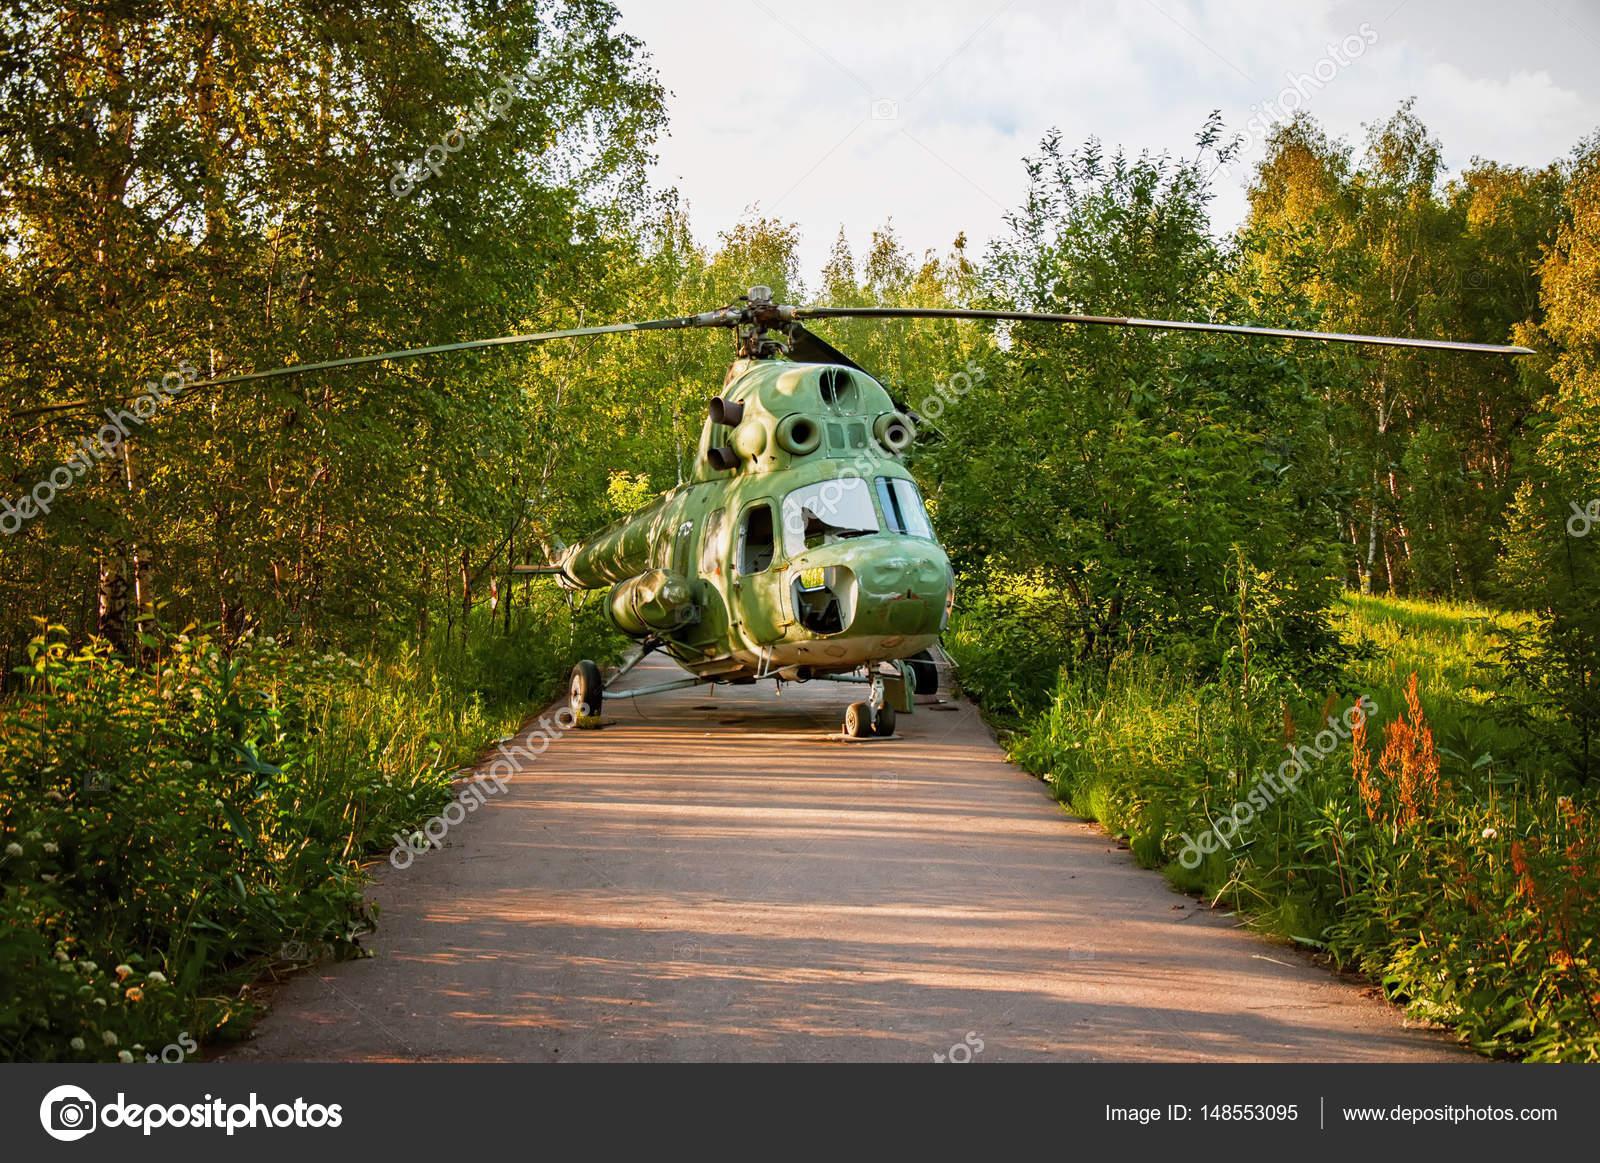 L Elicottero Posizione : L elicottero fatto un atterraggio i boschi sulla strada in una